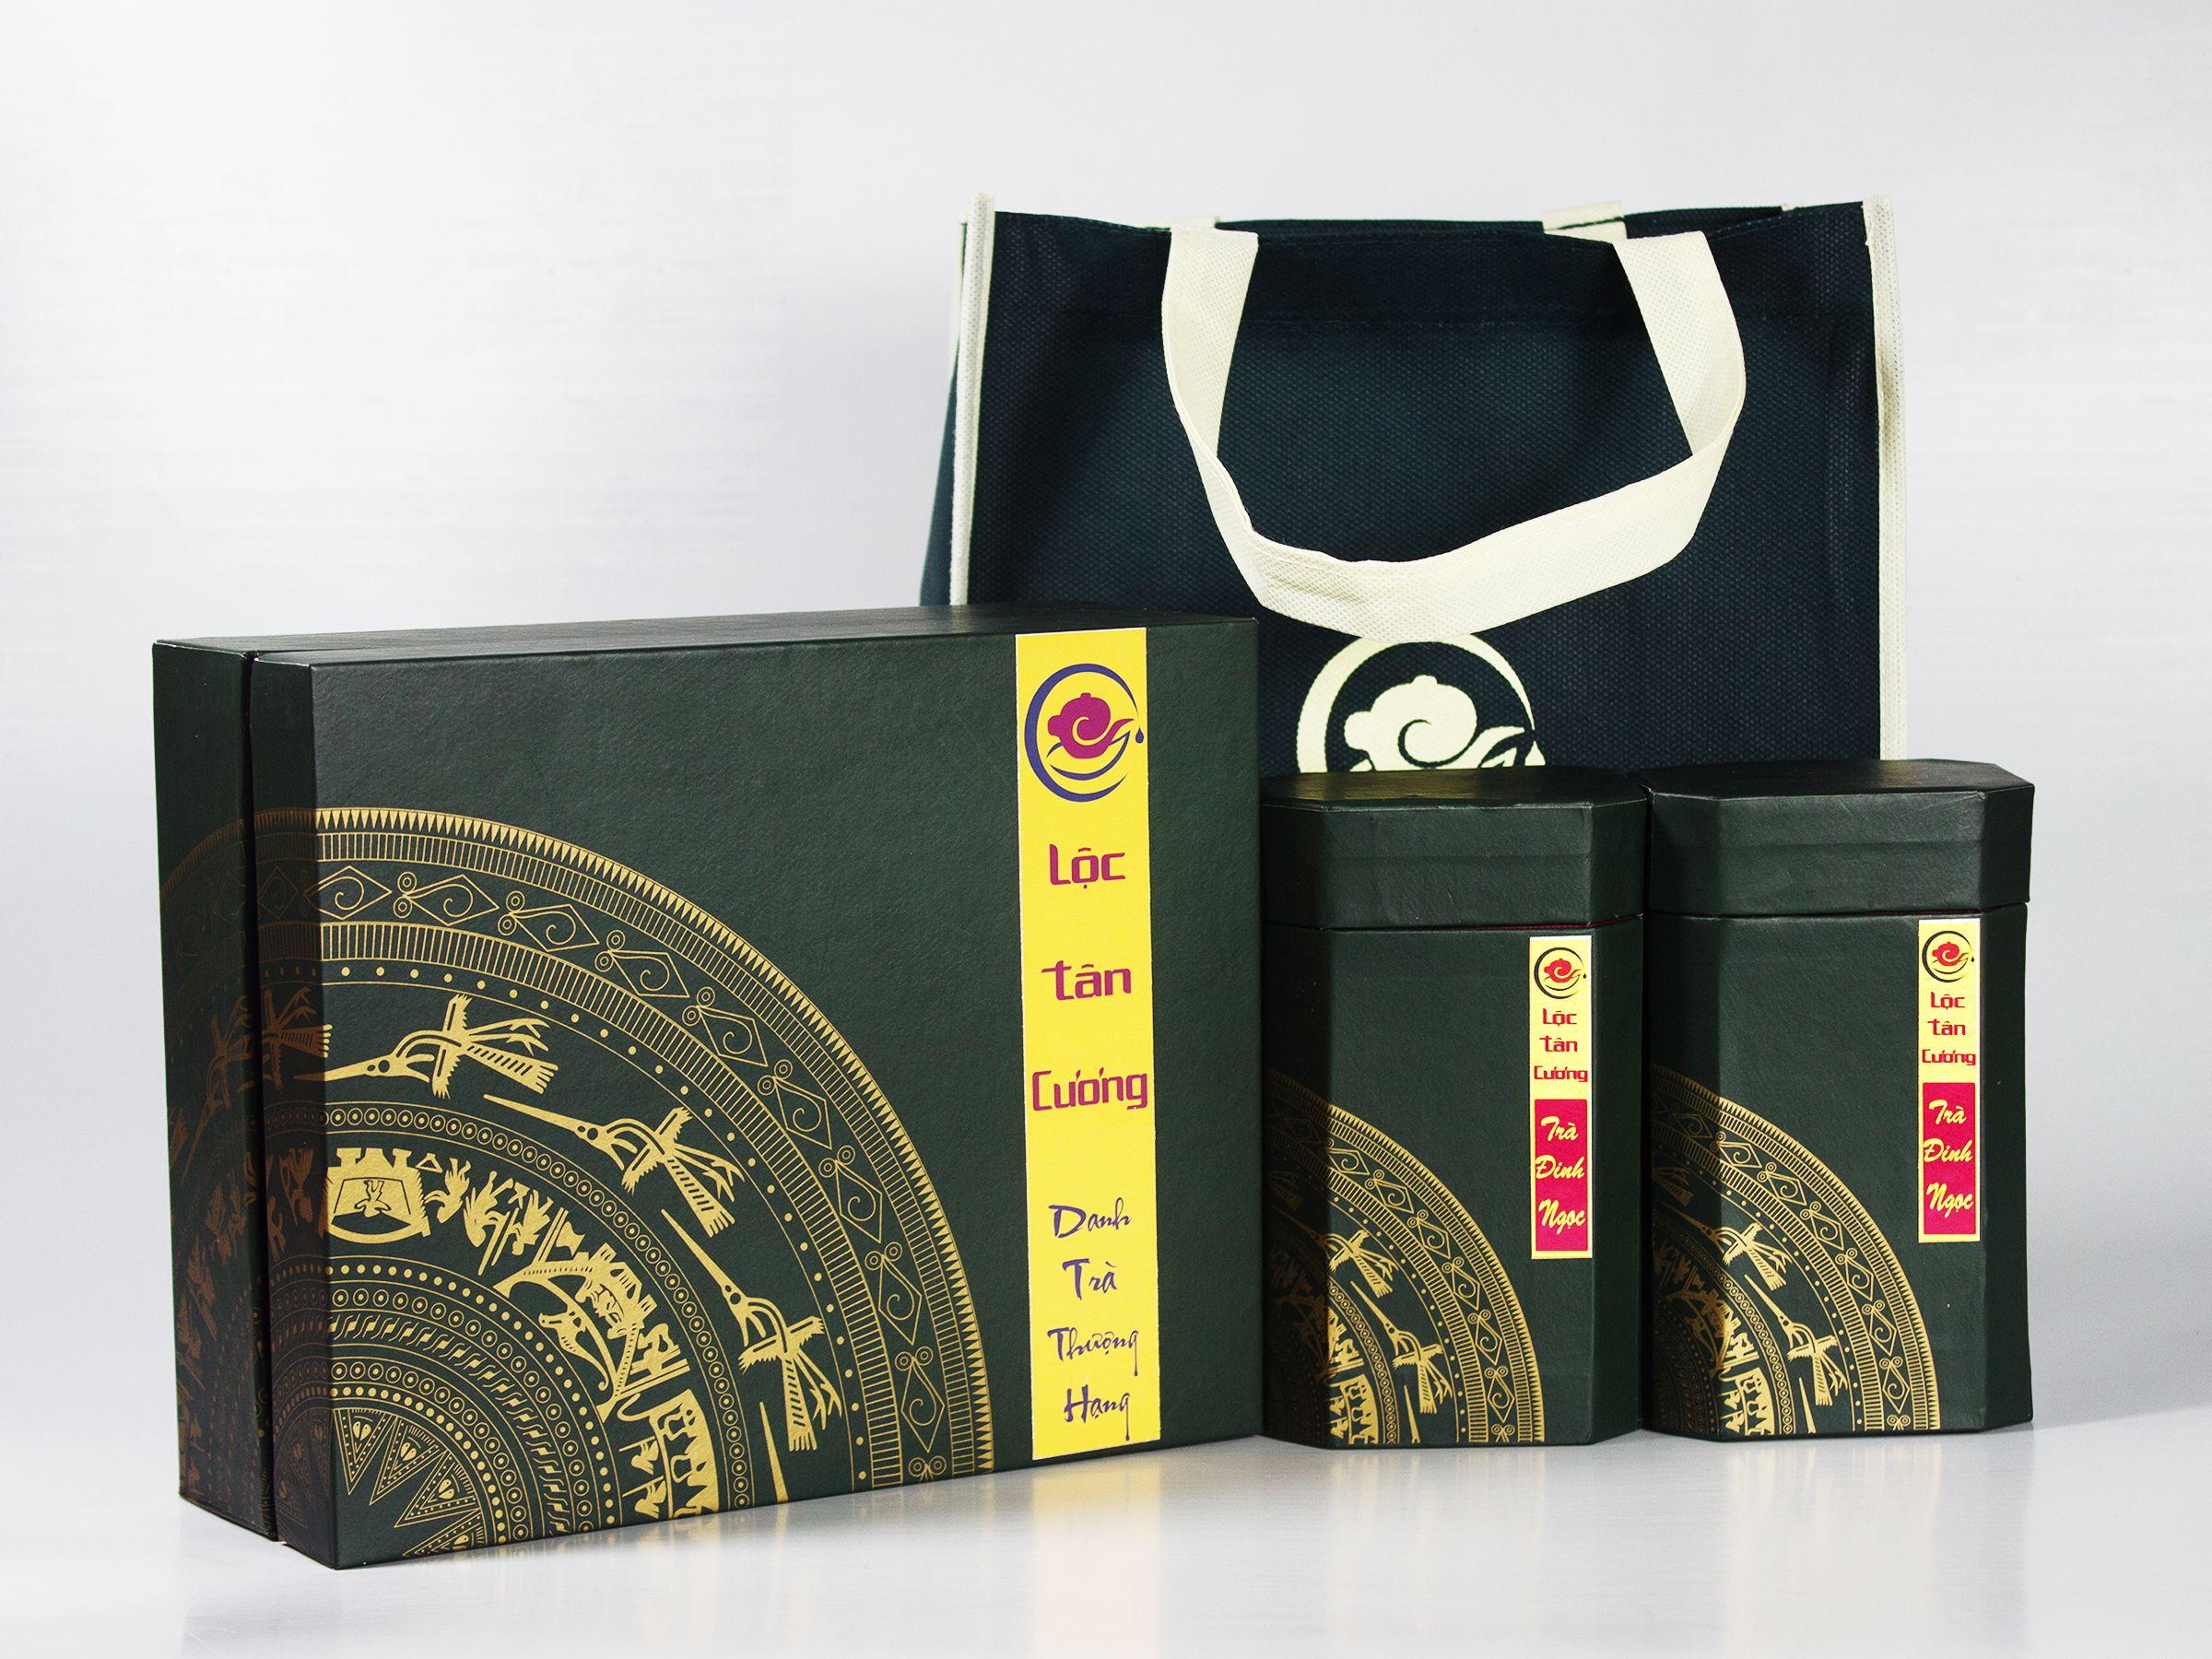 Hộp trà Truyền Thống - Đinh Ngọc 200gr, loại trà Tân Cương Thái Nguyên đắt đỏ nhất hiện nay